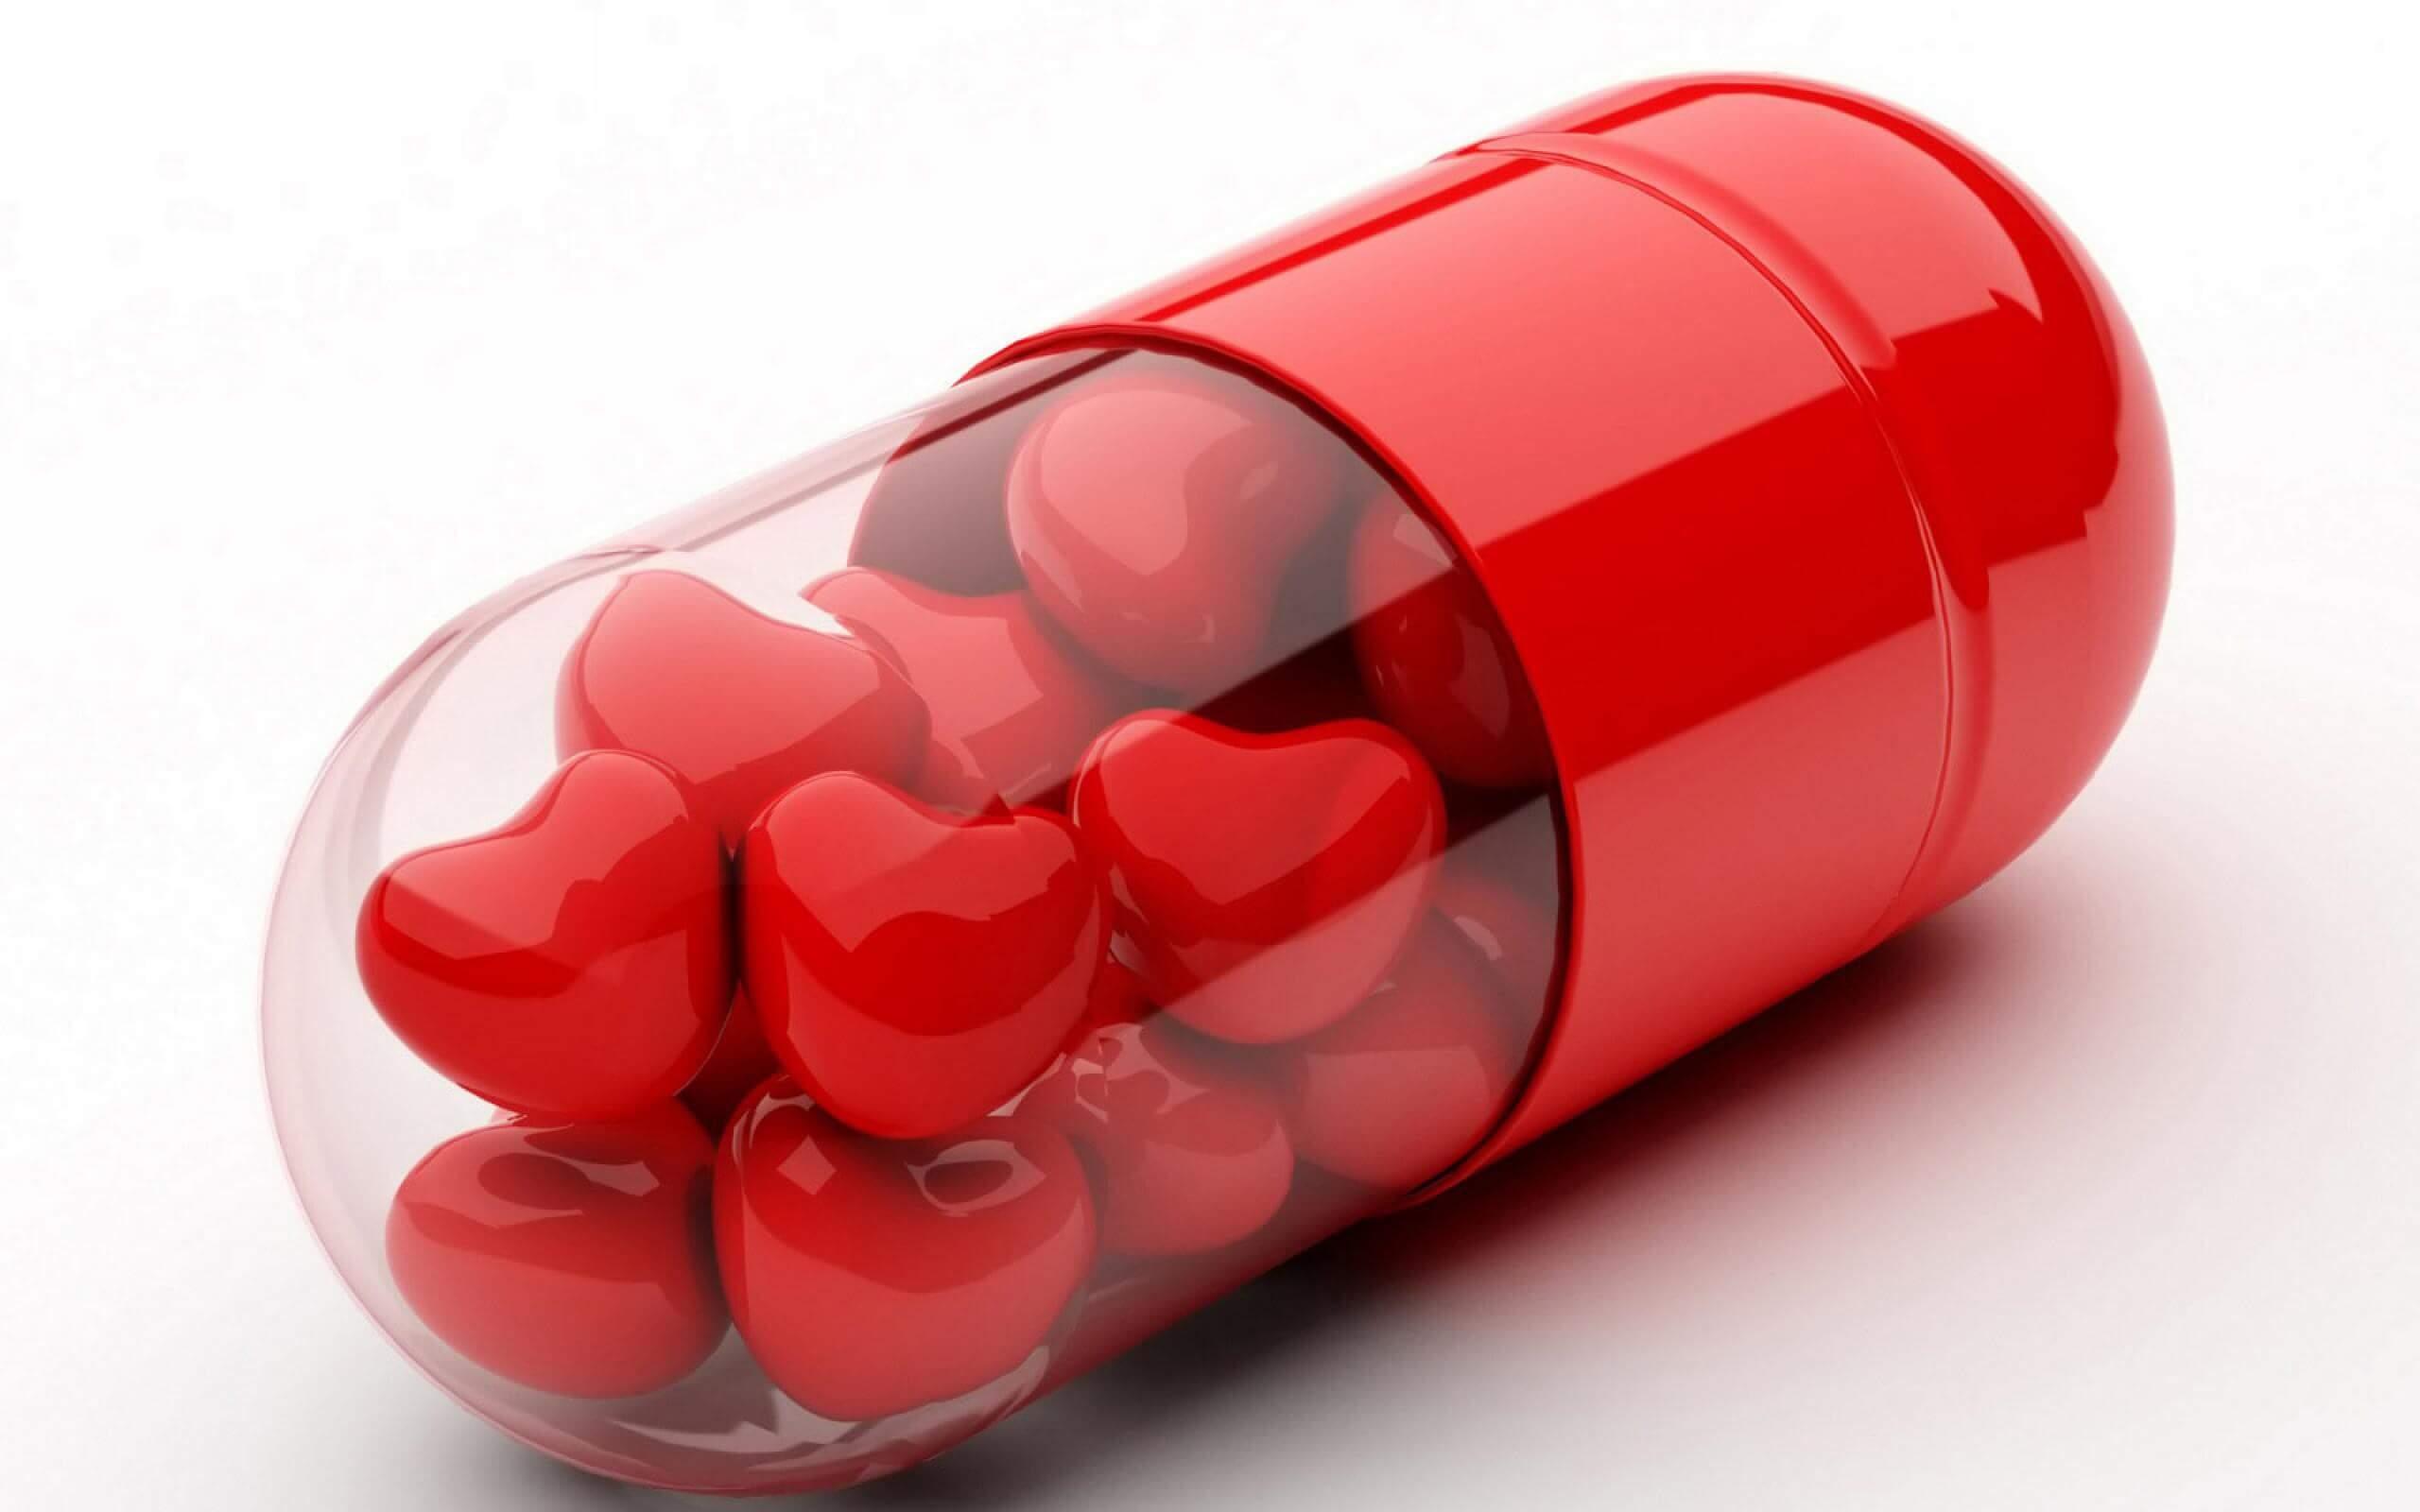 Витамин Е - витамин молодости, красоты, долголетия и великий антиоксидант